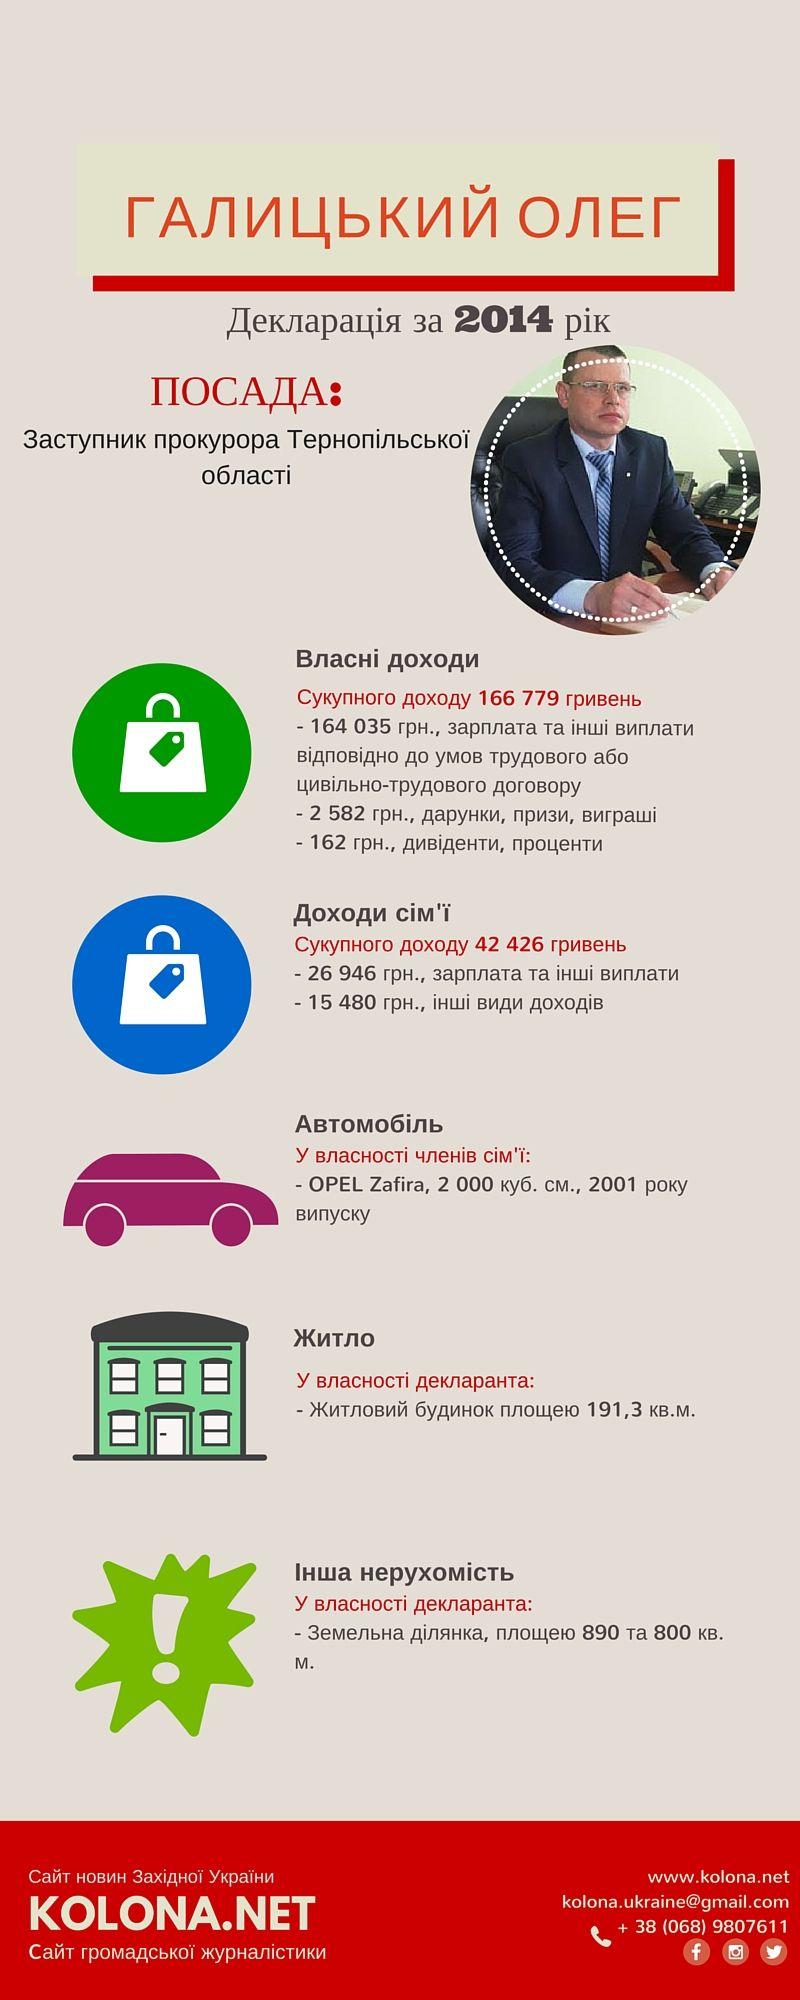 Декларацій прокуратури Тернопільської області: статки та чорні сторінки минулого